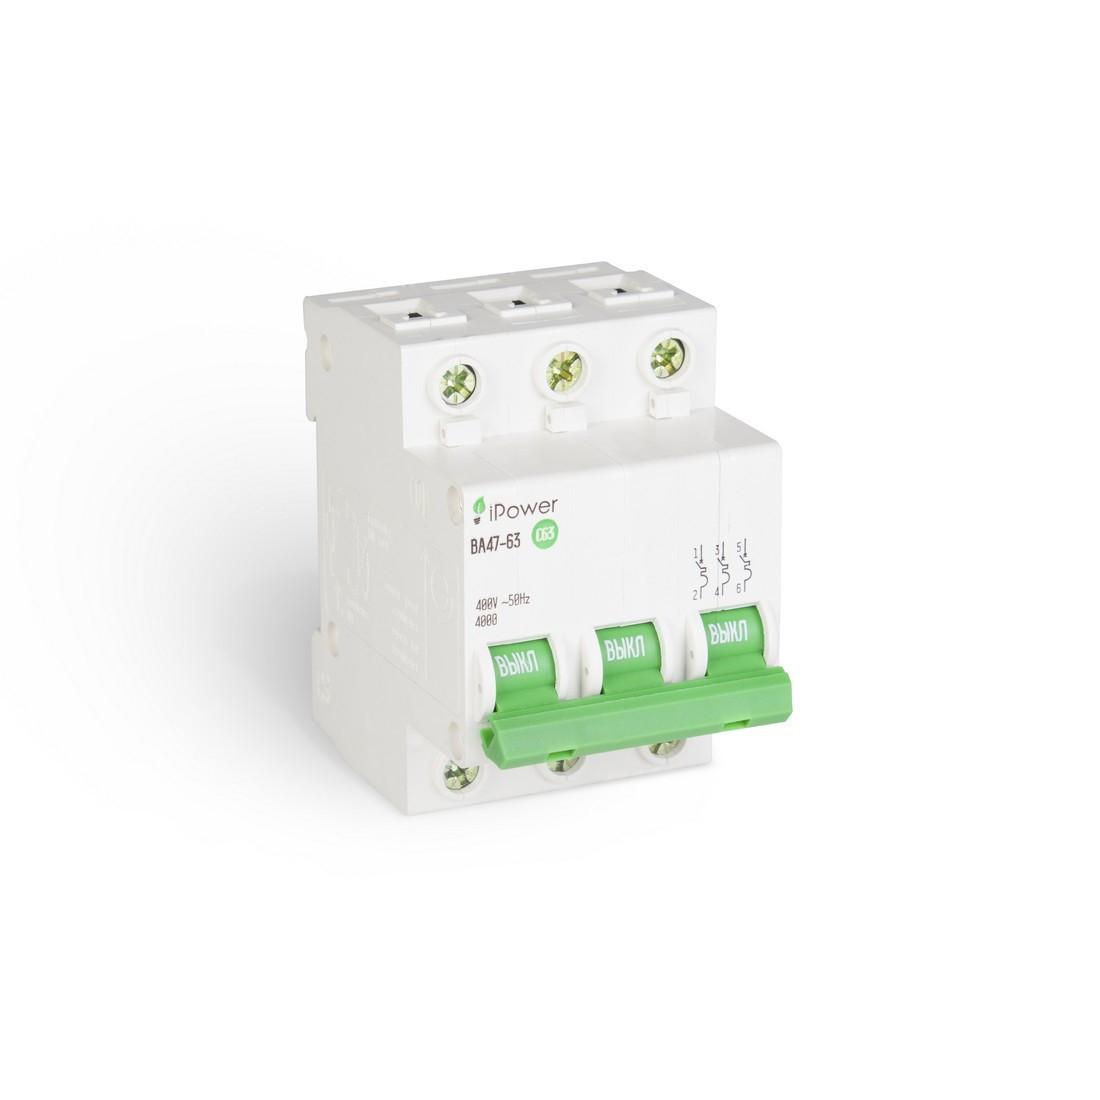 Автоматический выключатель реечный iPower ВА47-63 3P 16А, 230/400 В, Кол-во полюсов: 3, Предел отключения: 4,5